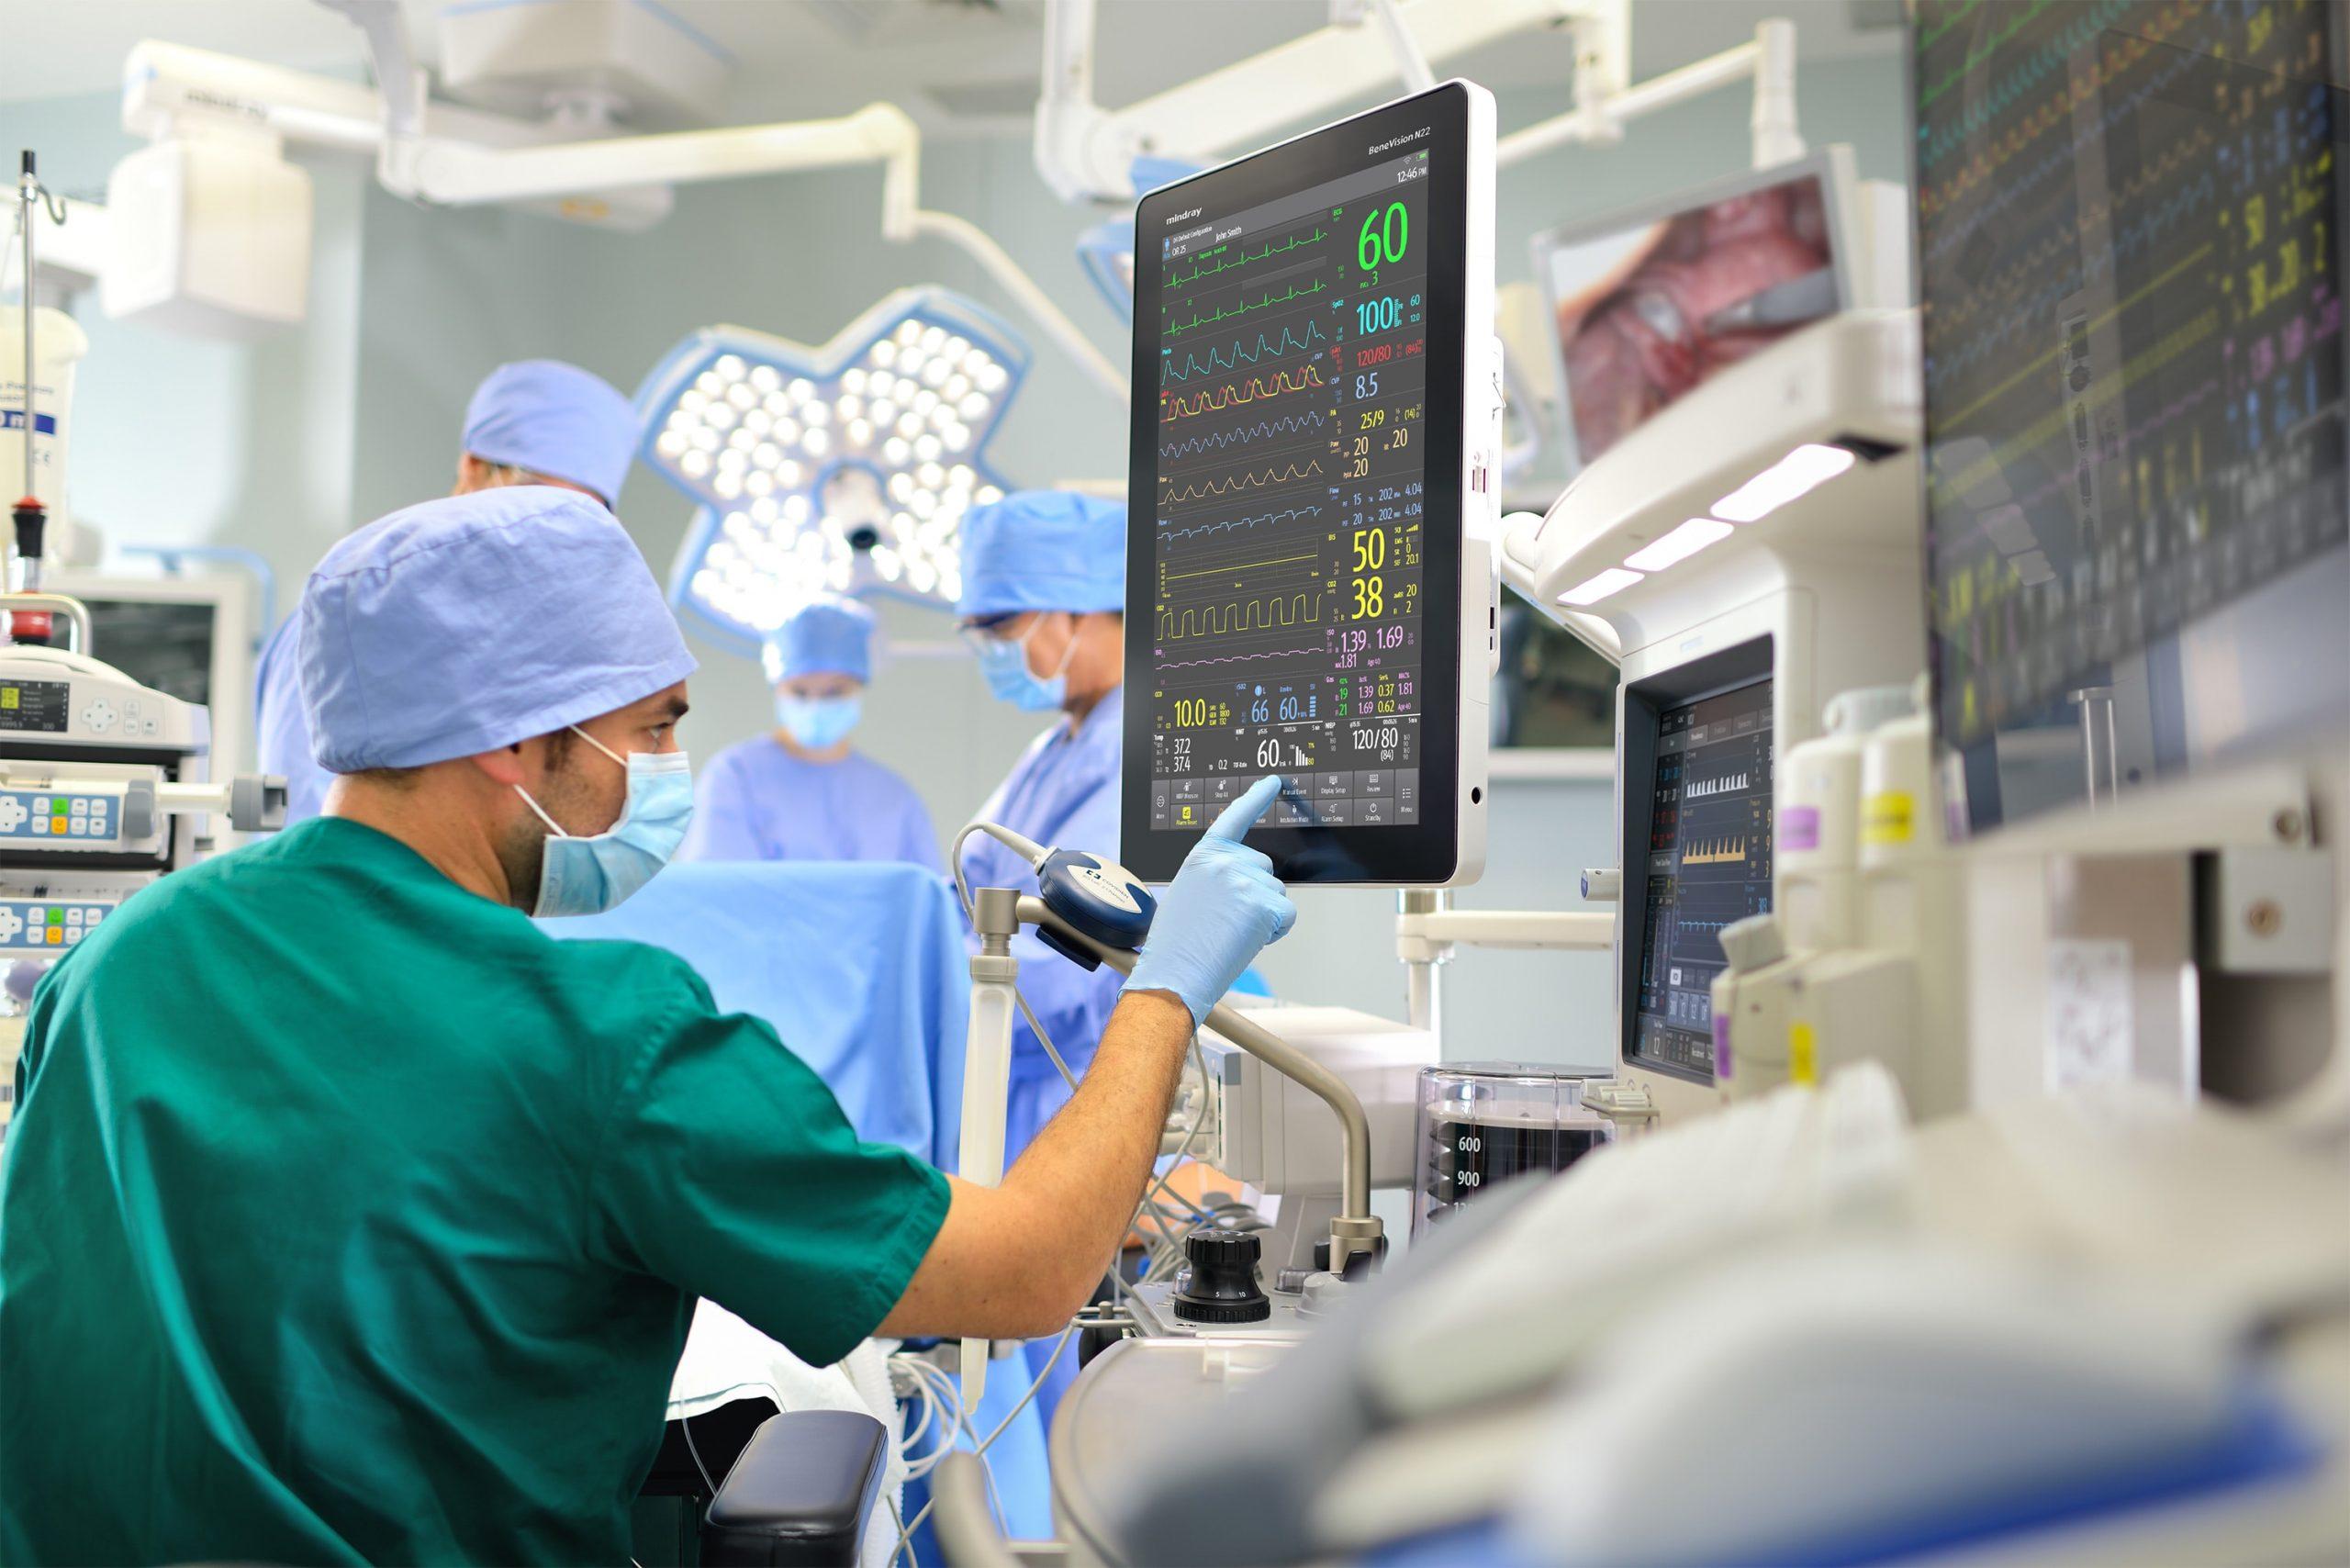 Attività ospedaliere